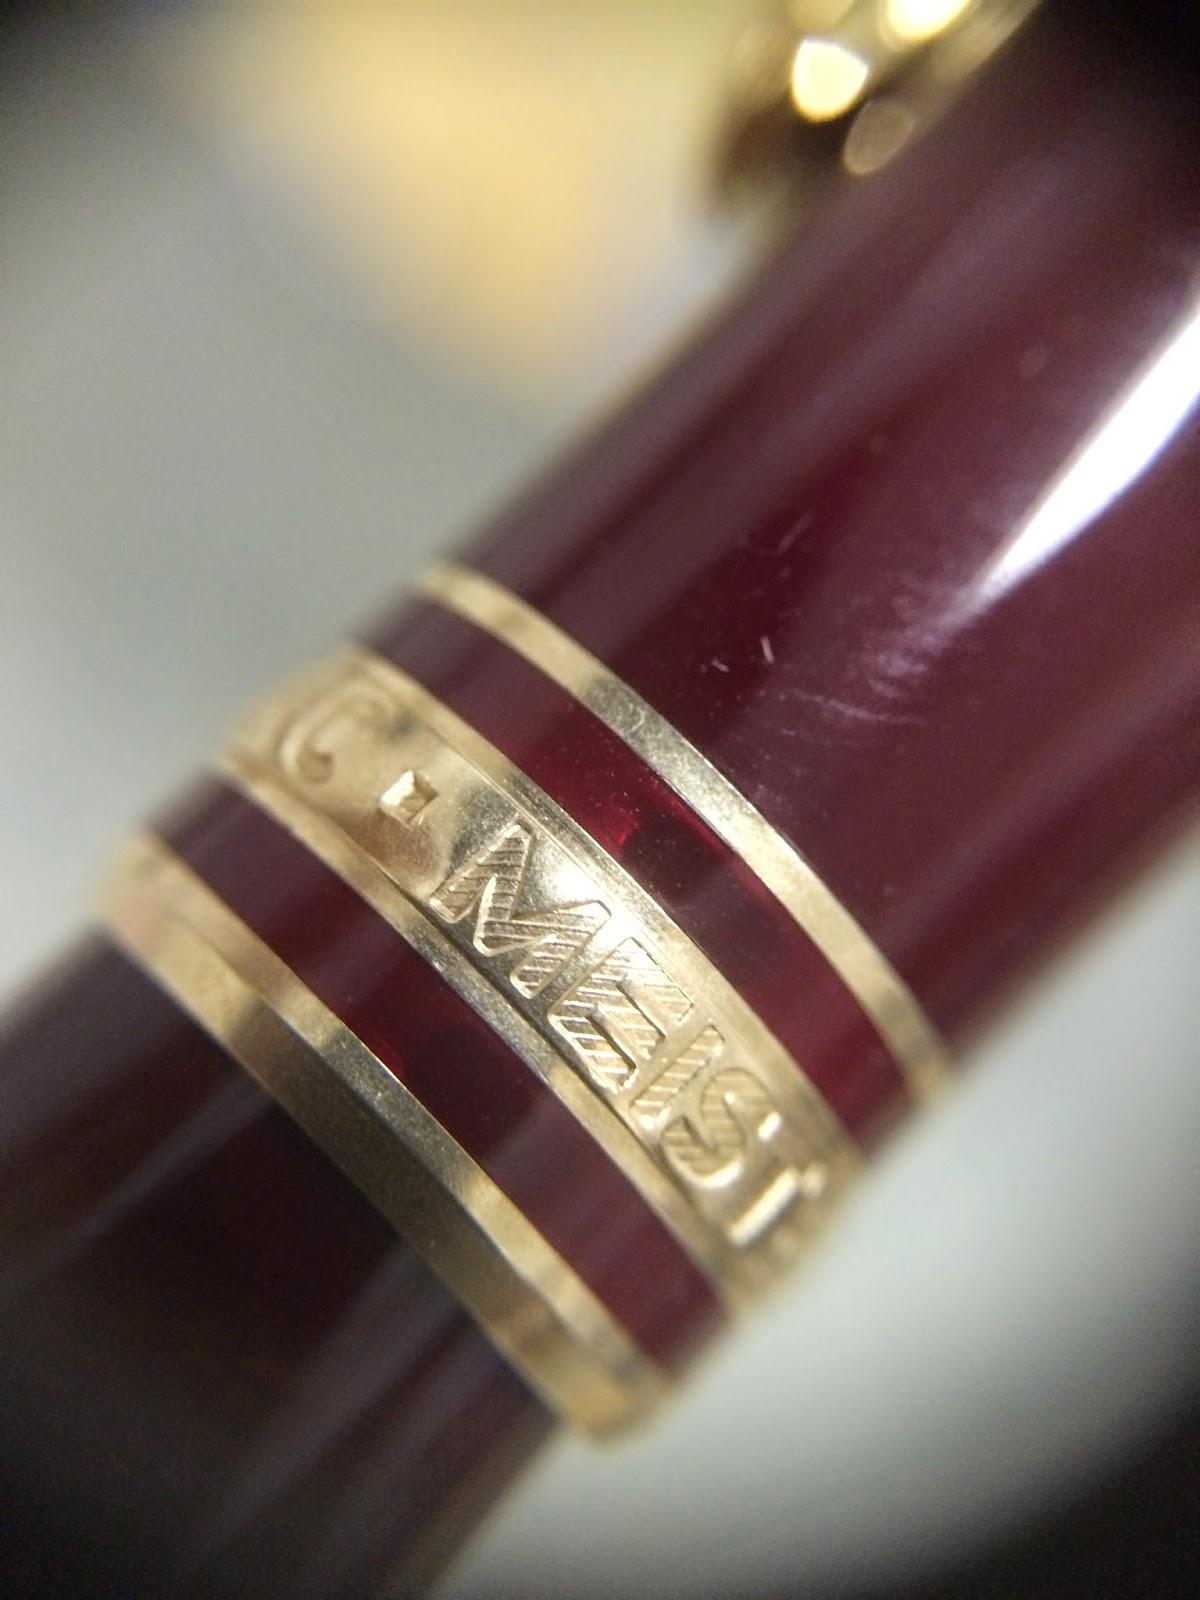 afd1a1d82f2 Como ter certeza que sua caneta Montblanc é legítima